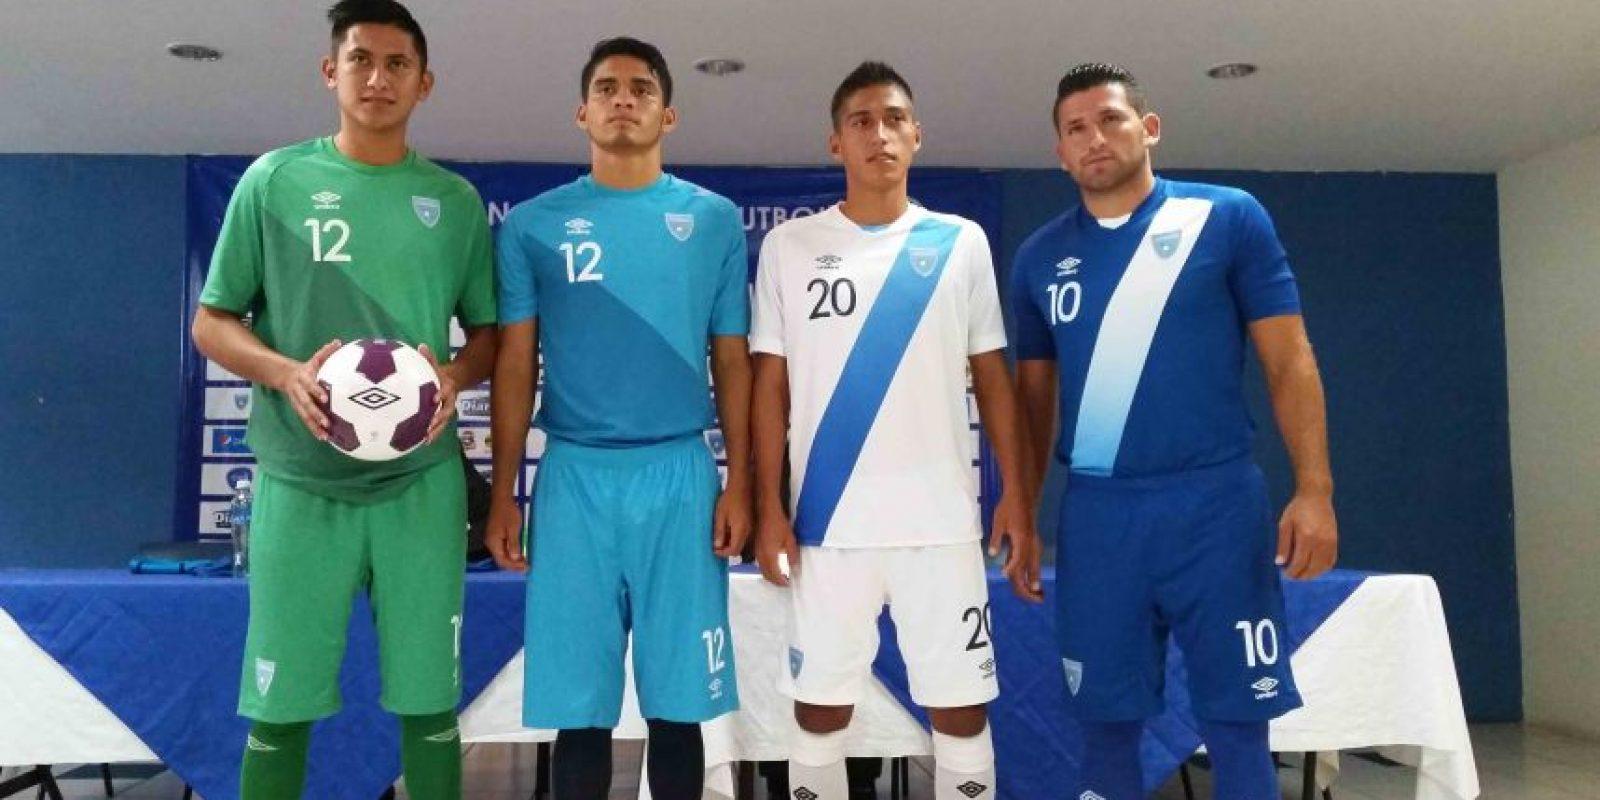 La expectativa es grande por ver jugar a la bicolor en el arranque de las eliminatorias de la Concacaf. Foto:Publinews